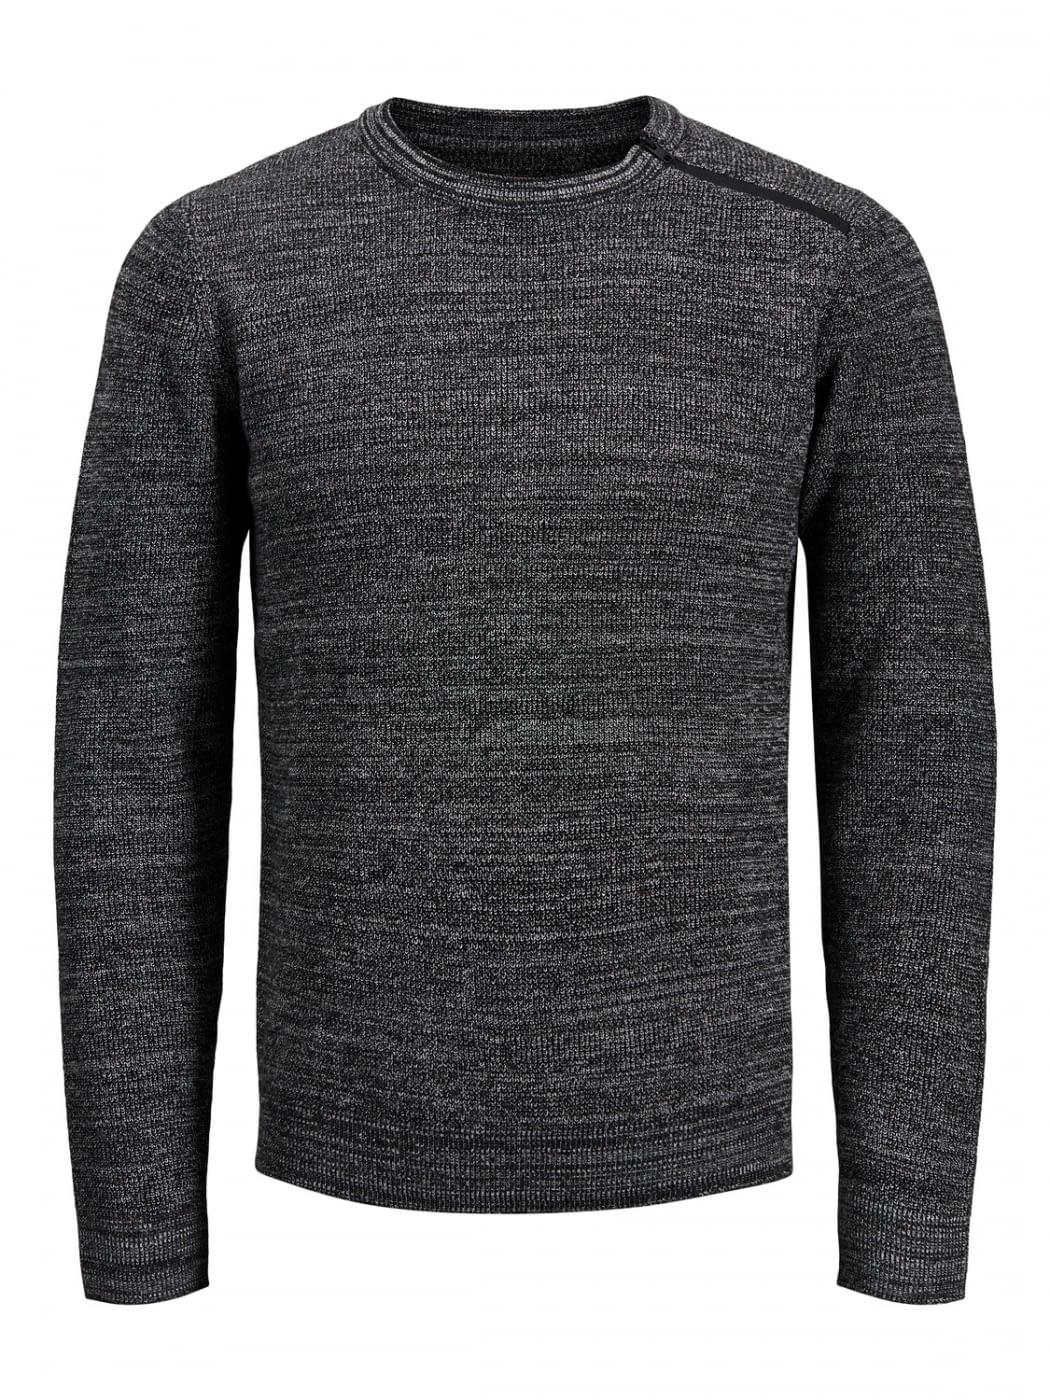 JCOMOUNT jersei con cremallera en el hombro